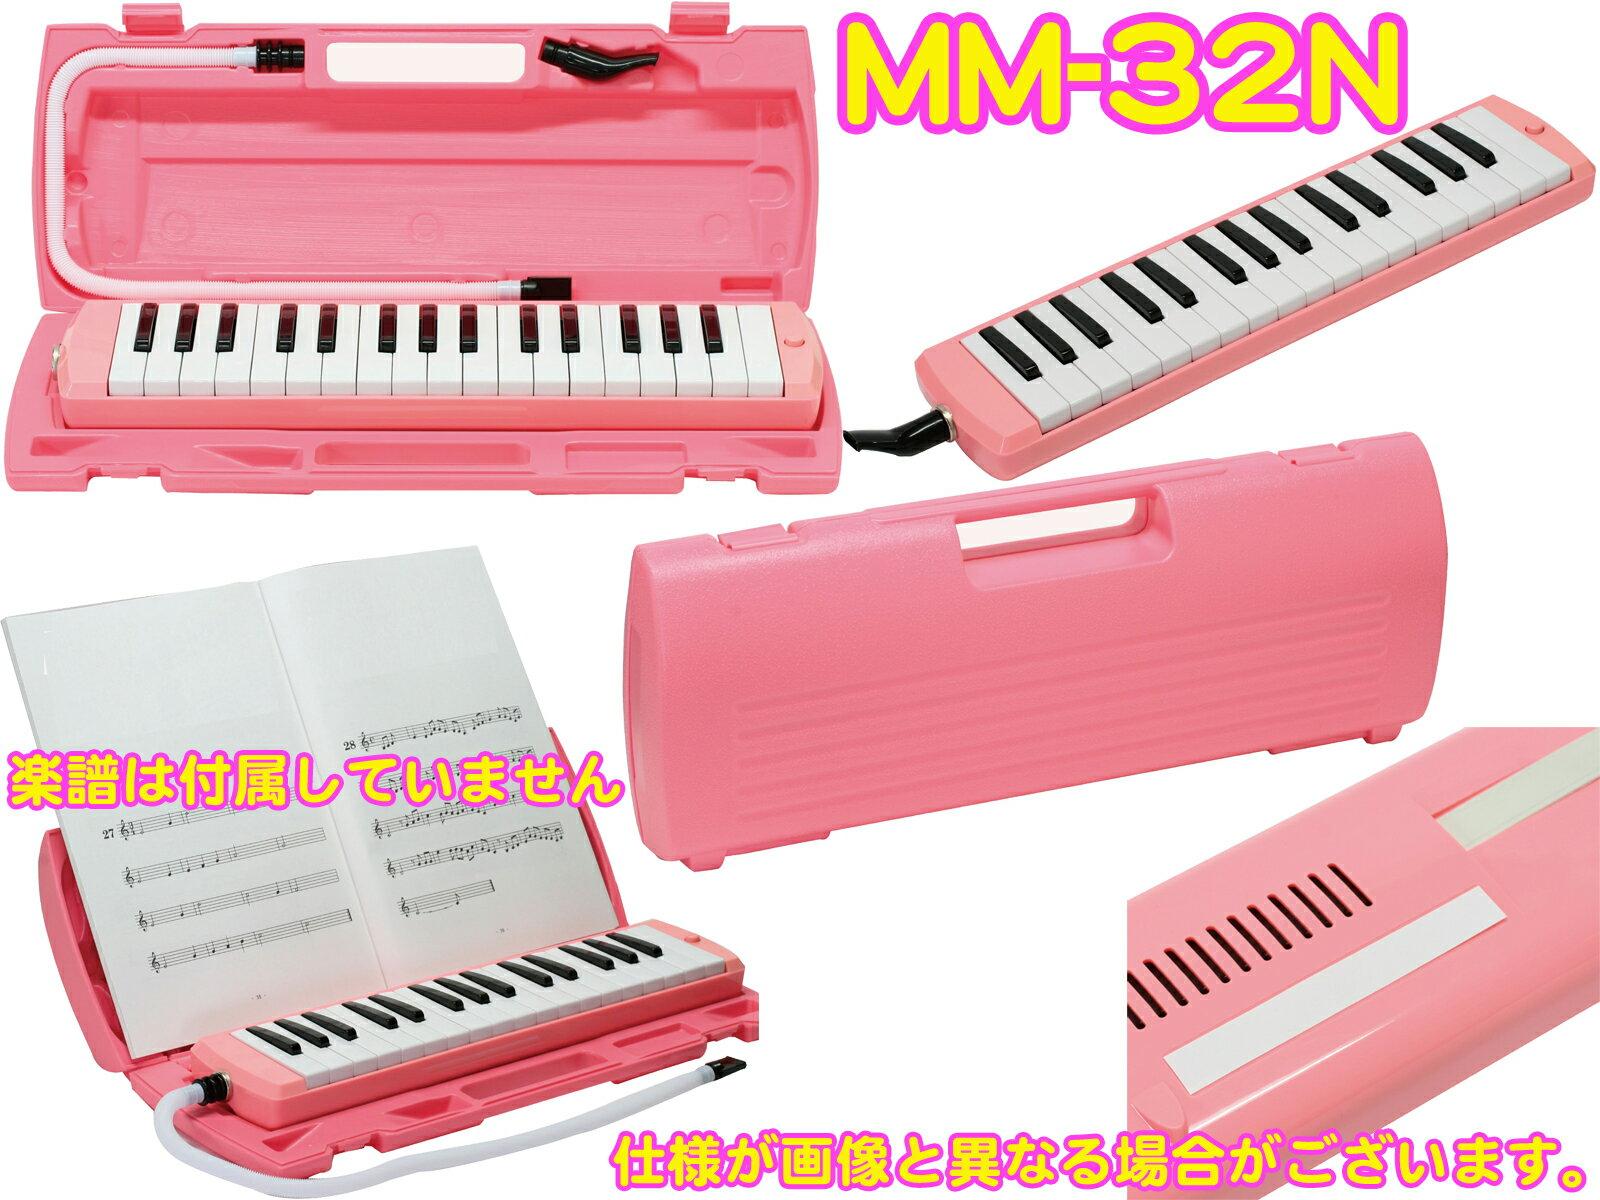 32鍵 鍵盤ハーモニカ MM-32N PINK キクタニ 立奏用唄口 (吹き口) 卓奏用パ…...:gakkiwatanabe:10017336